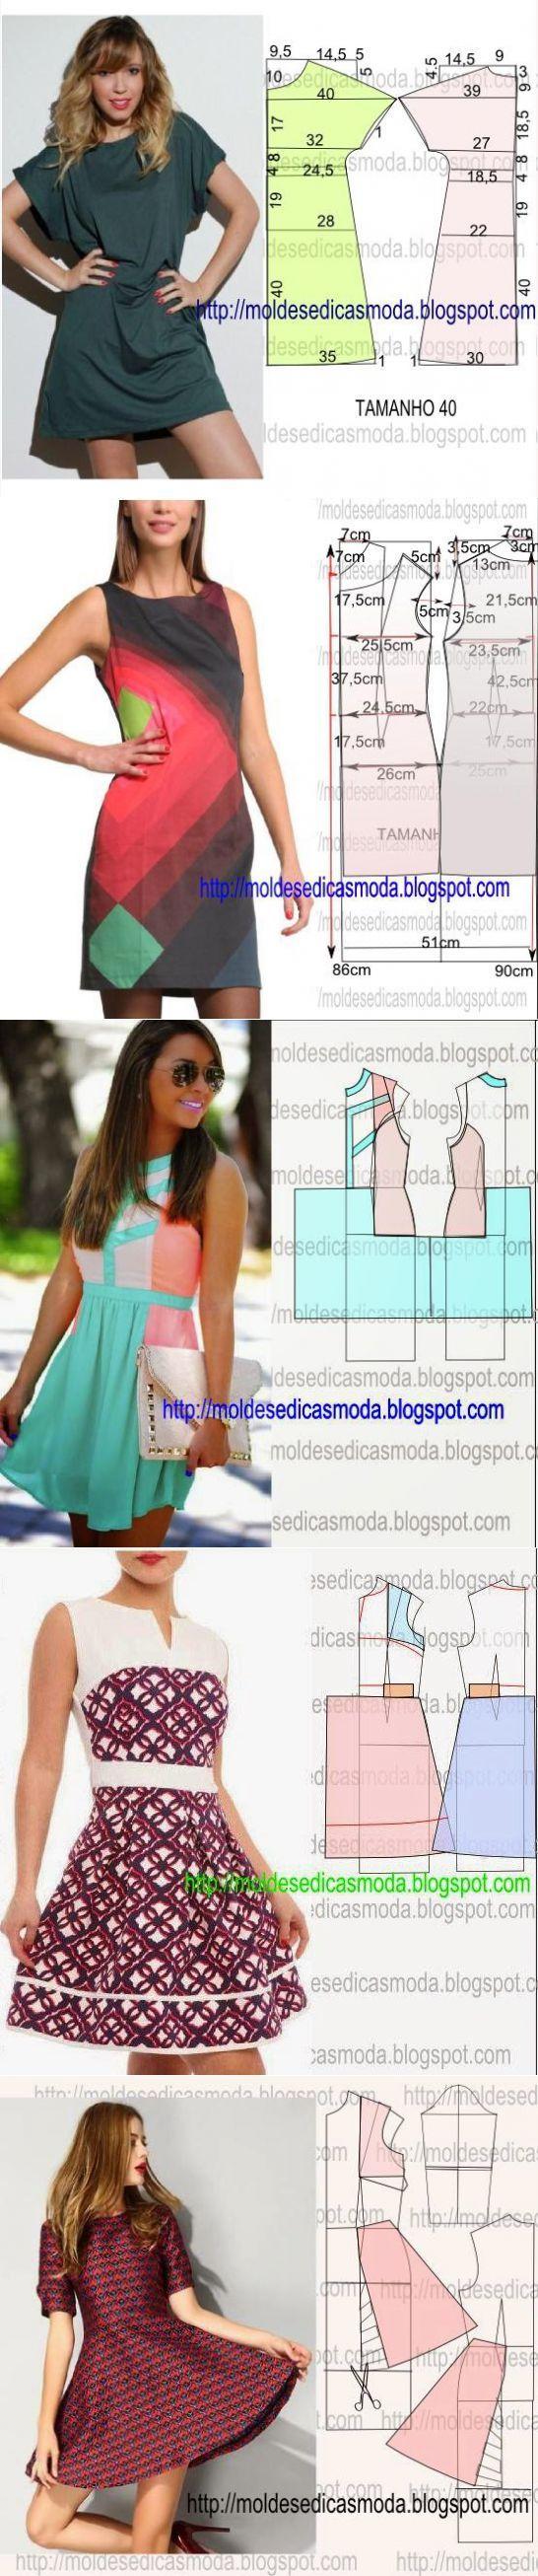 Платье+выкройка .(11 часть)